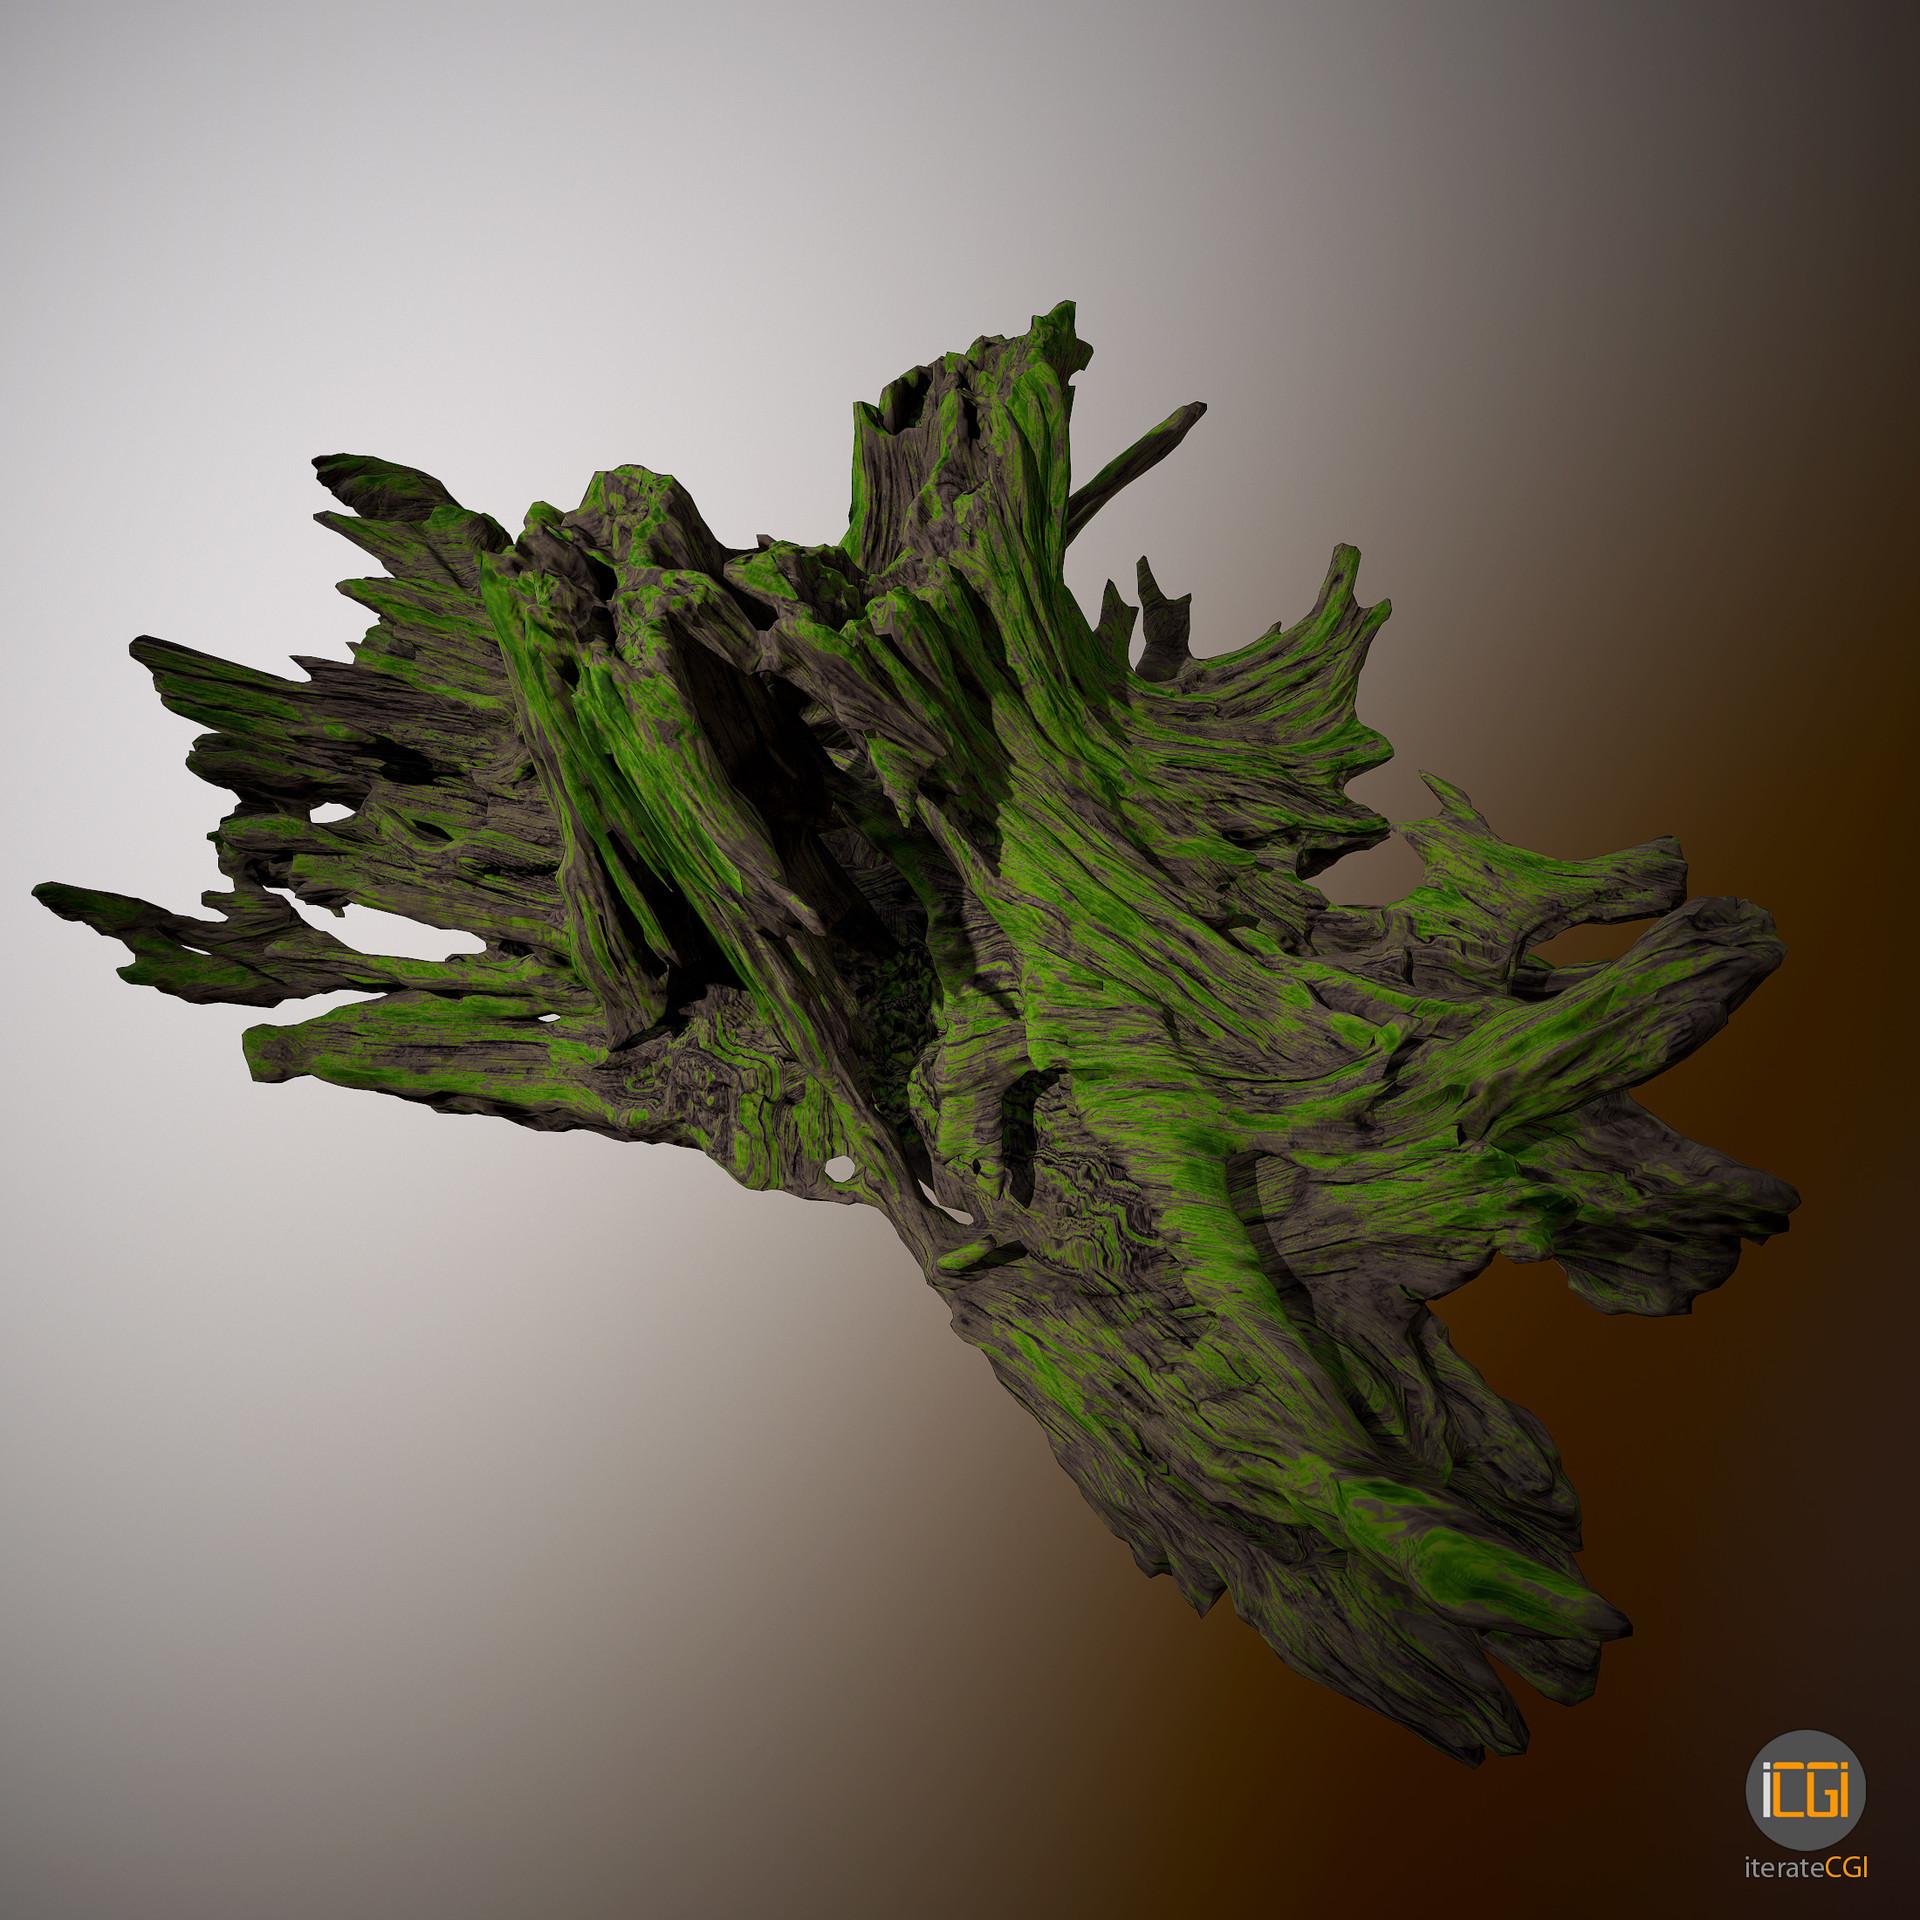 Johan de leenheer driftwood piece cft1 25